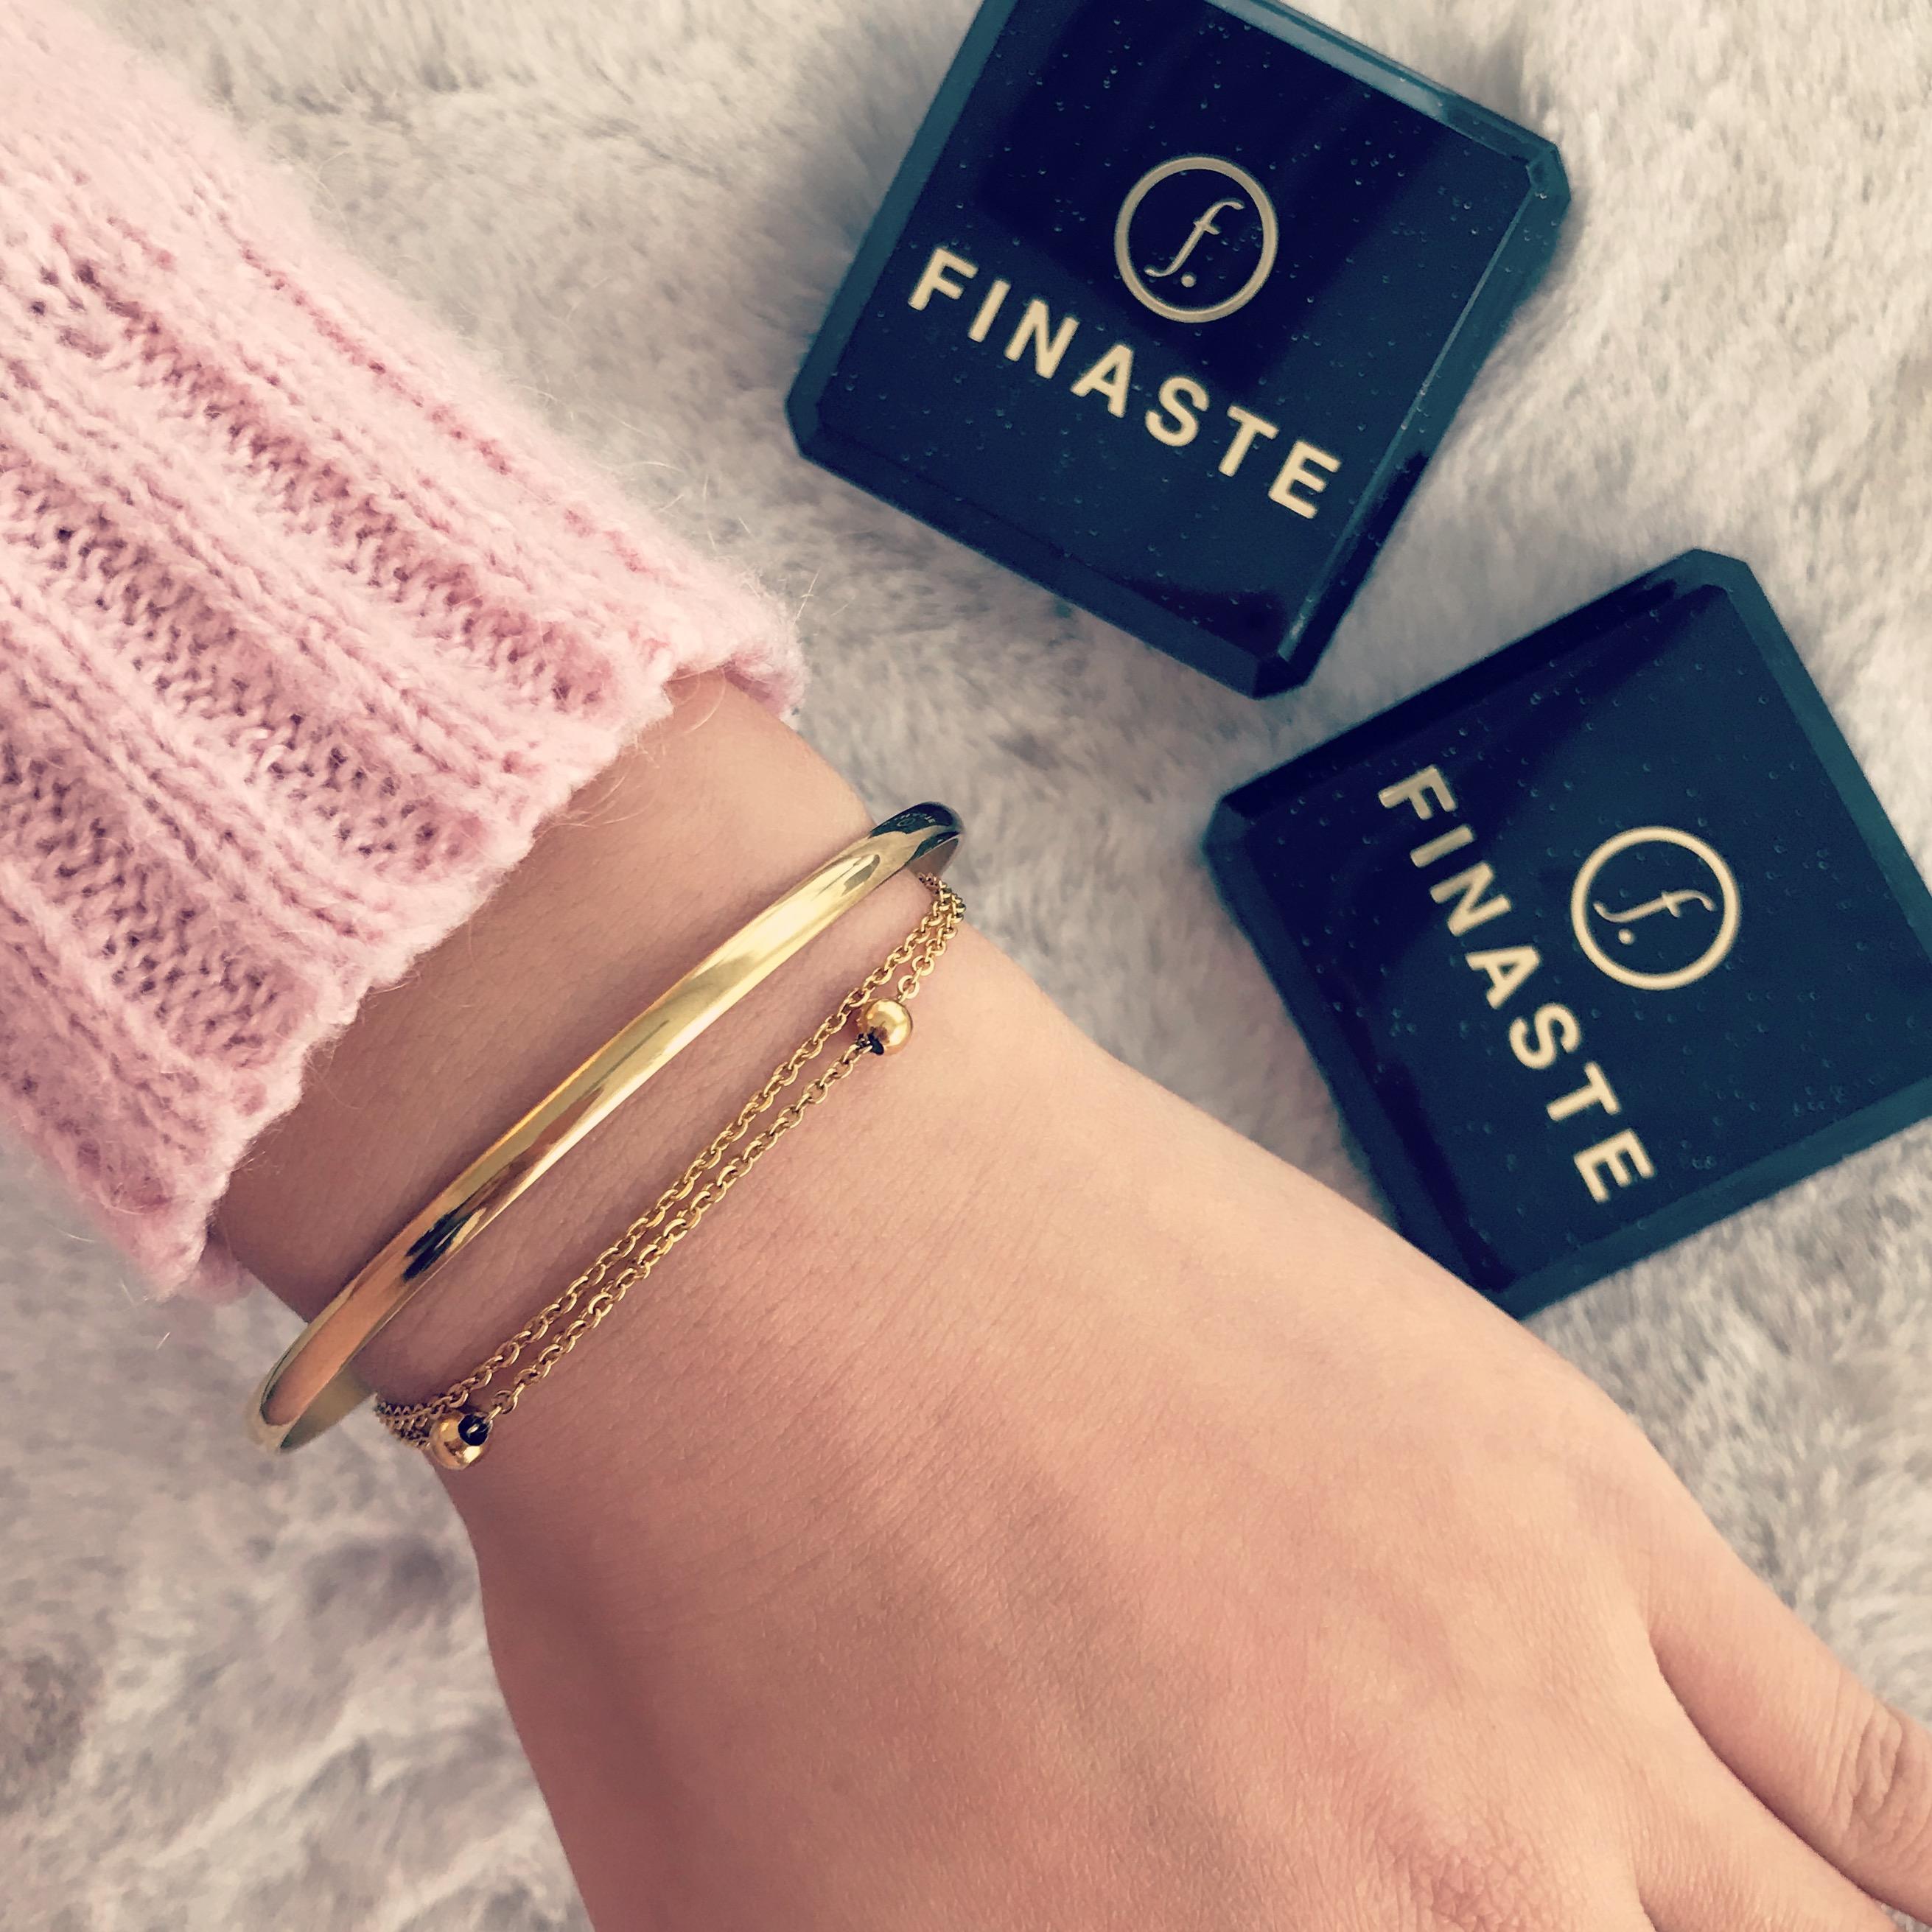 Finaste gouden armbandjes met vachtje en doosjes